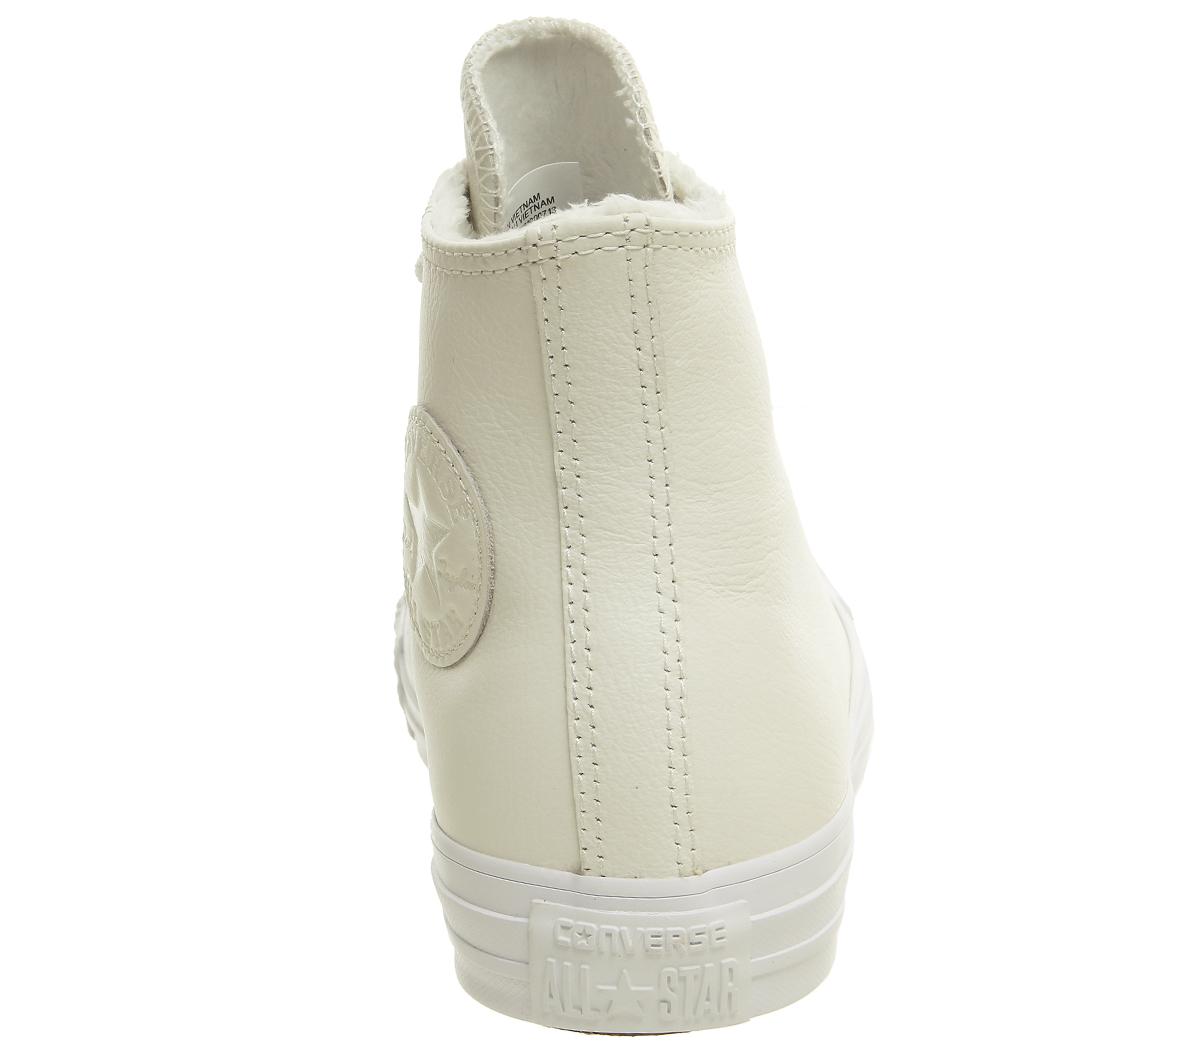 Da-Donna-Converse-All-Star-Hi-Airone-bianco-in-pelle-scarpe-da-ginnastica-in-pelliccia